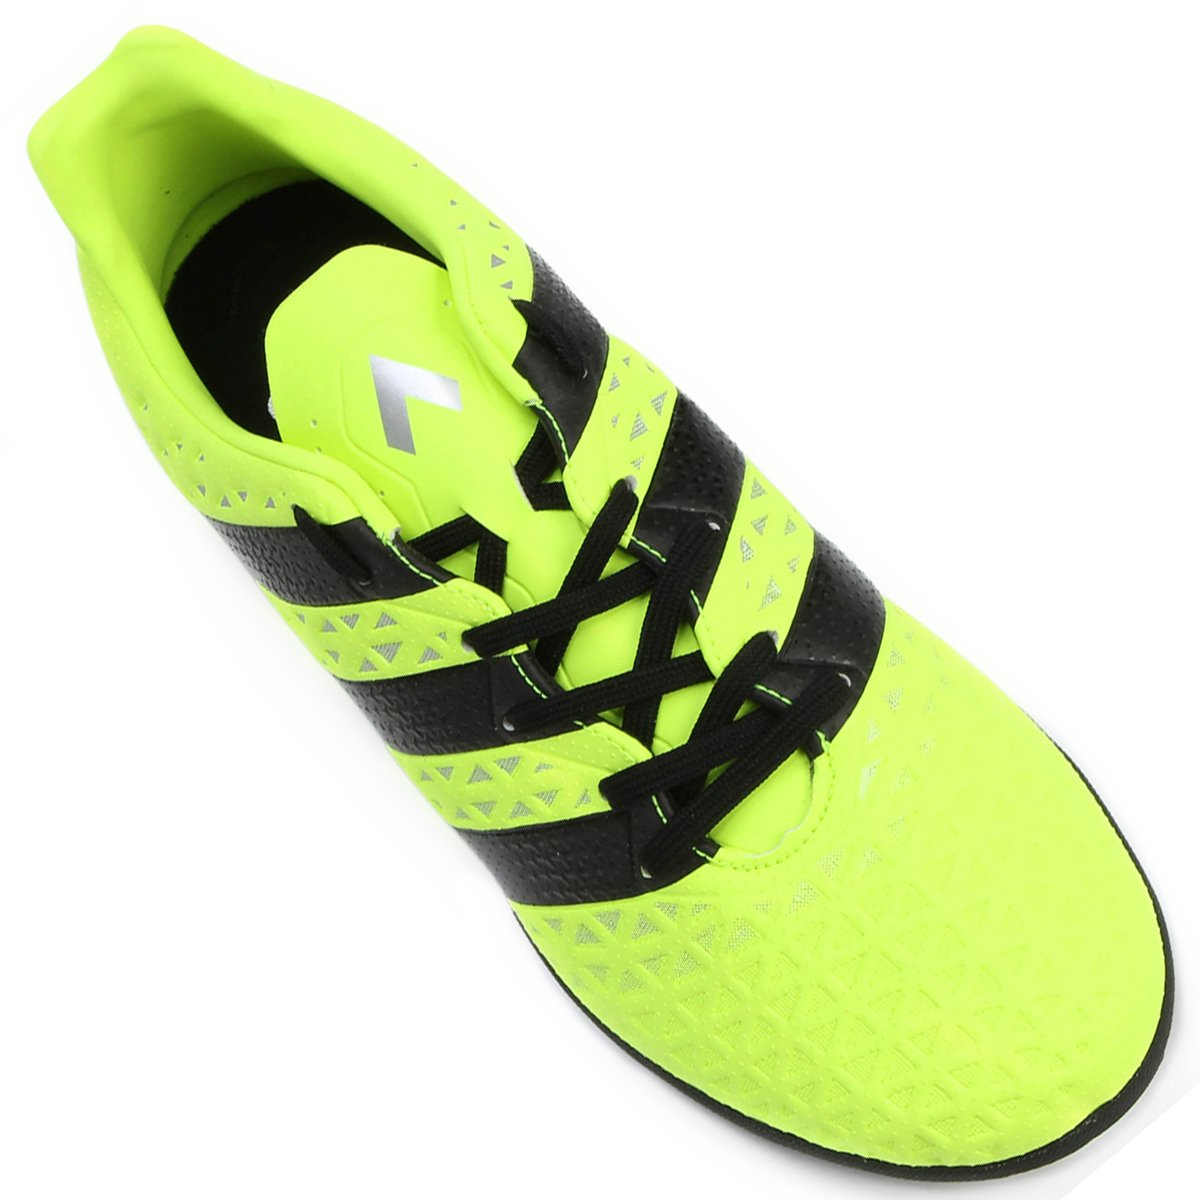 Chuteira Society Adidas Ace 16.3 TF Masculina - Verde Limão e Preto ... 3e5bbfa6c8f66